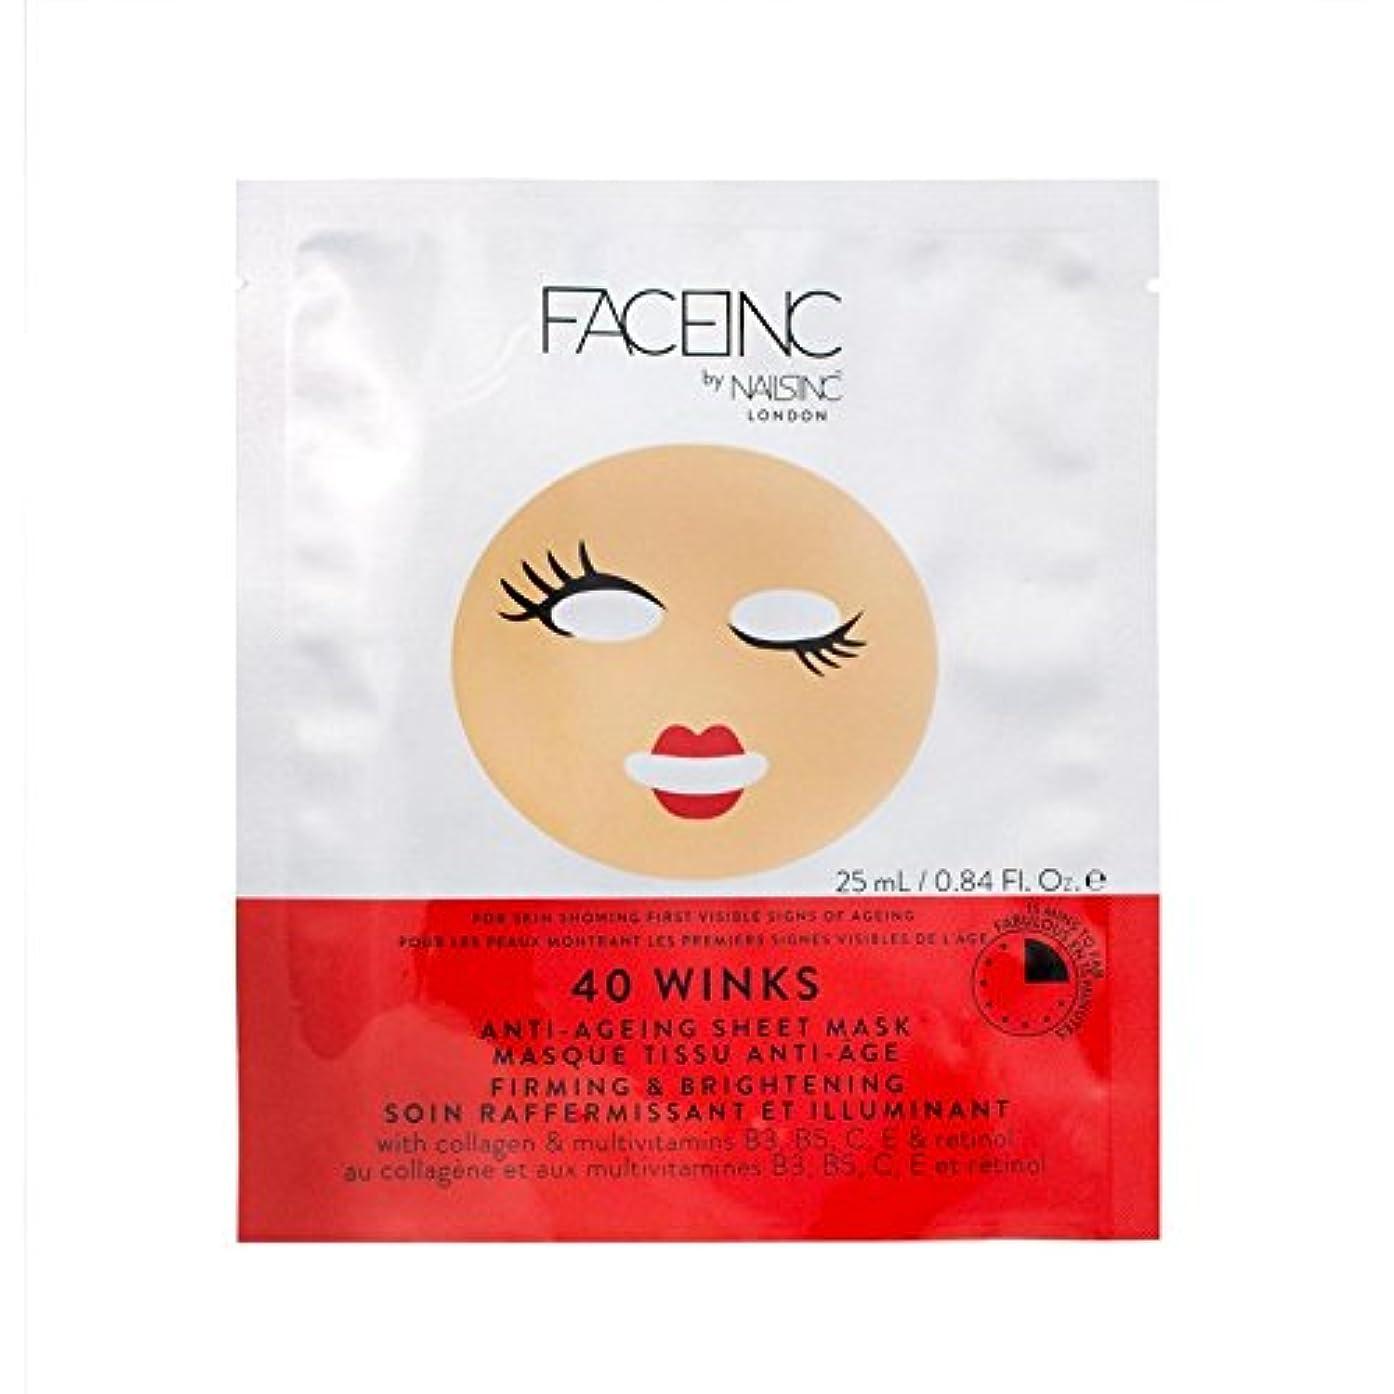 反映するパノラマハードリング爪が株式会社顔株式会社40のウィンクは、マスク x4 - Nails Inc. Face Inc 40 Winks Mask (Pack of 4) [並行輸入品]